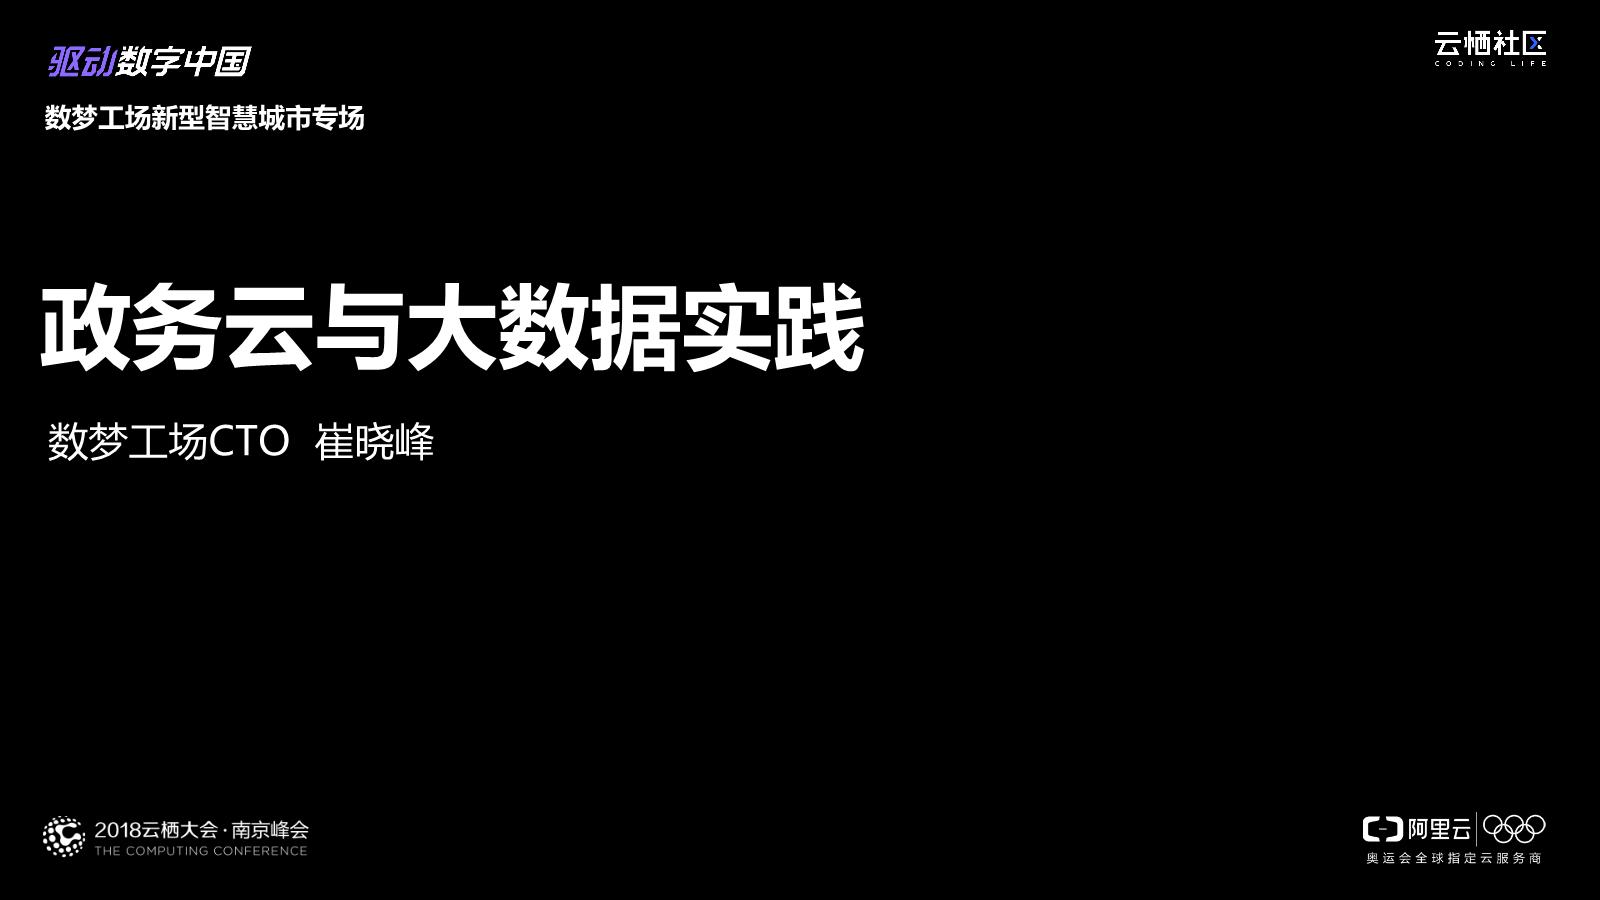 崔晓峰-政务云与大数据实践